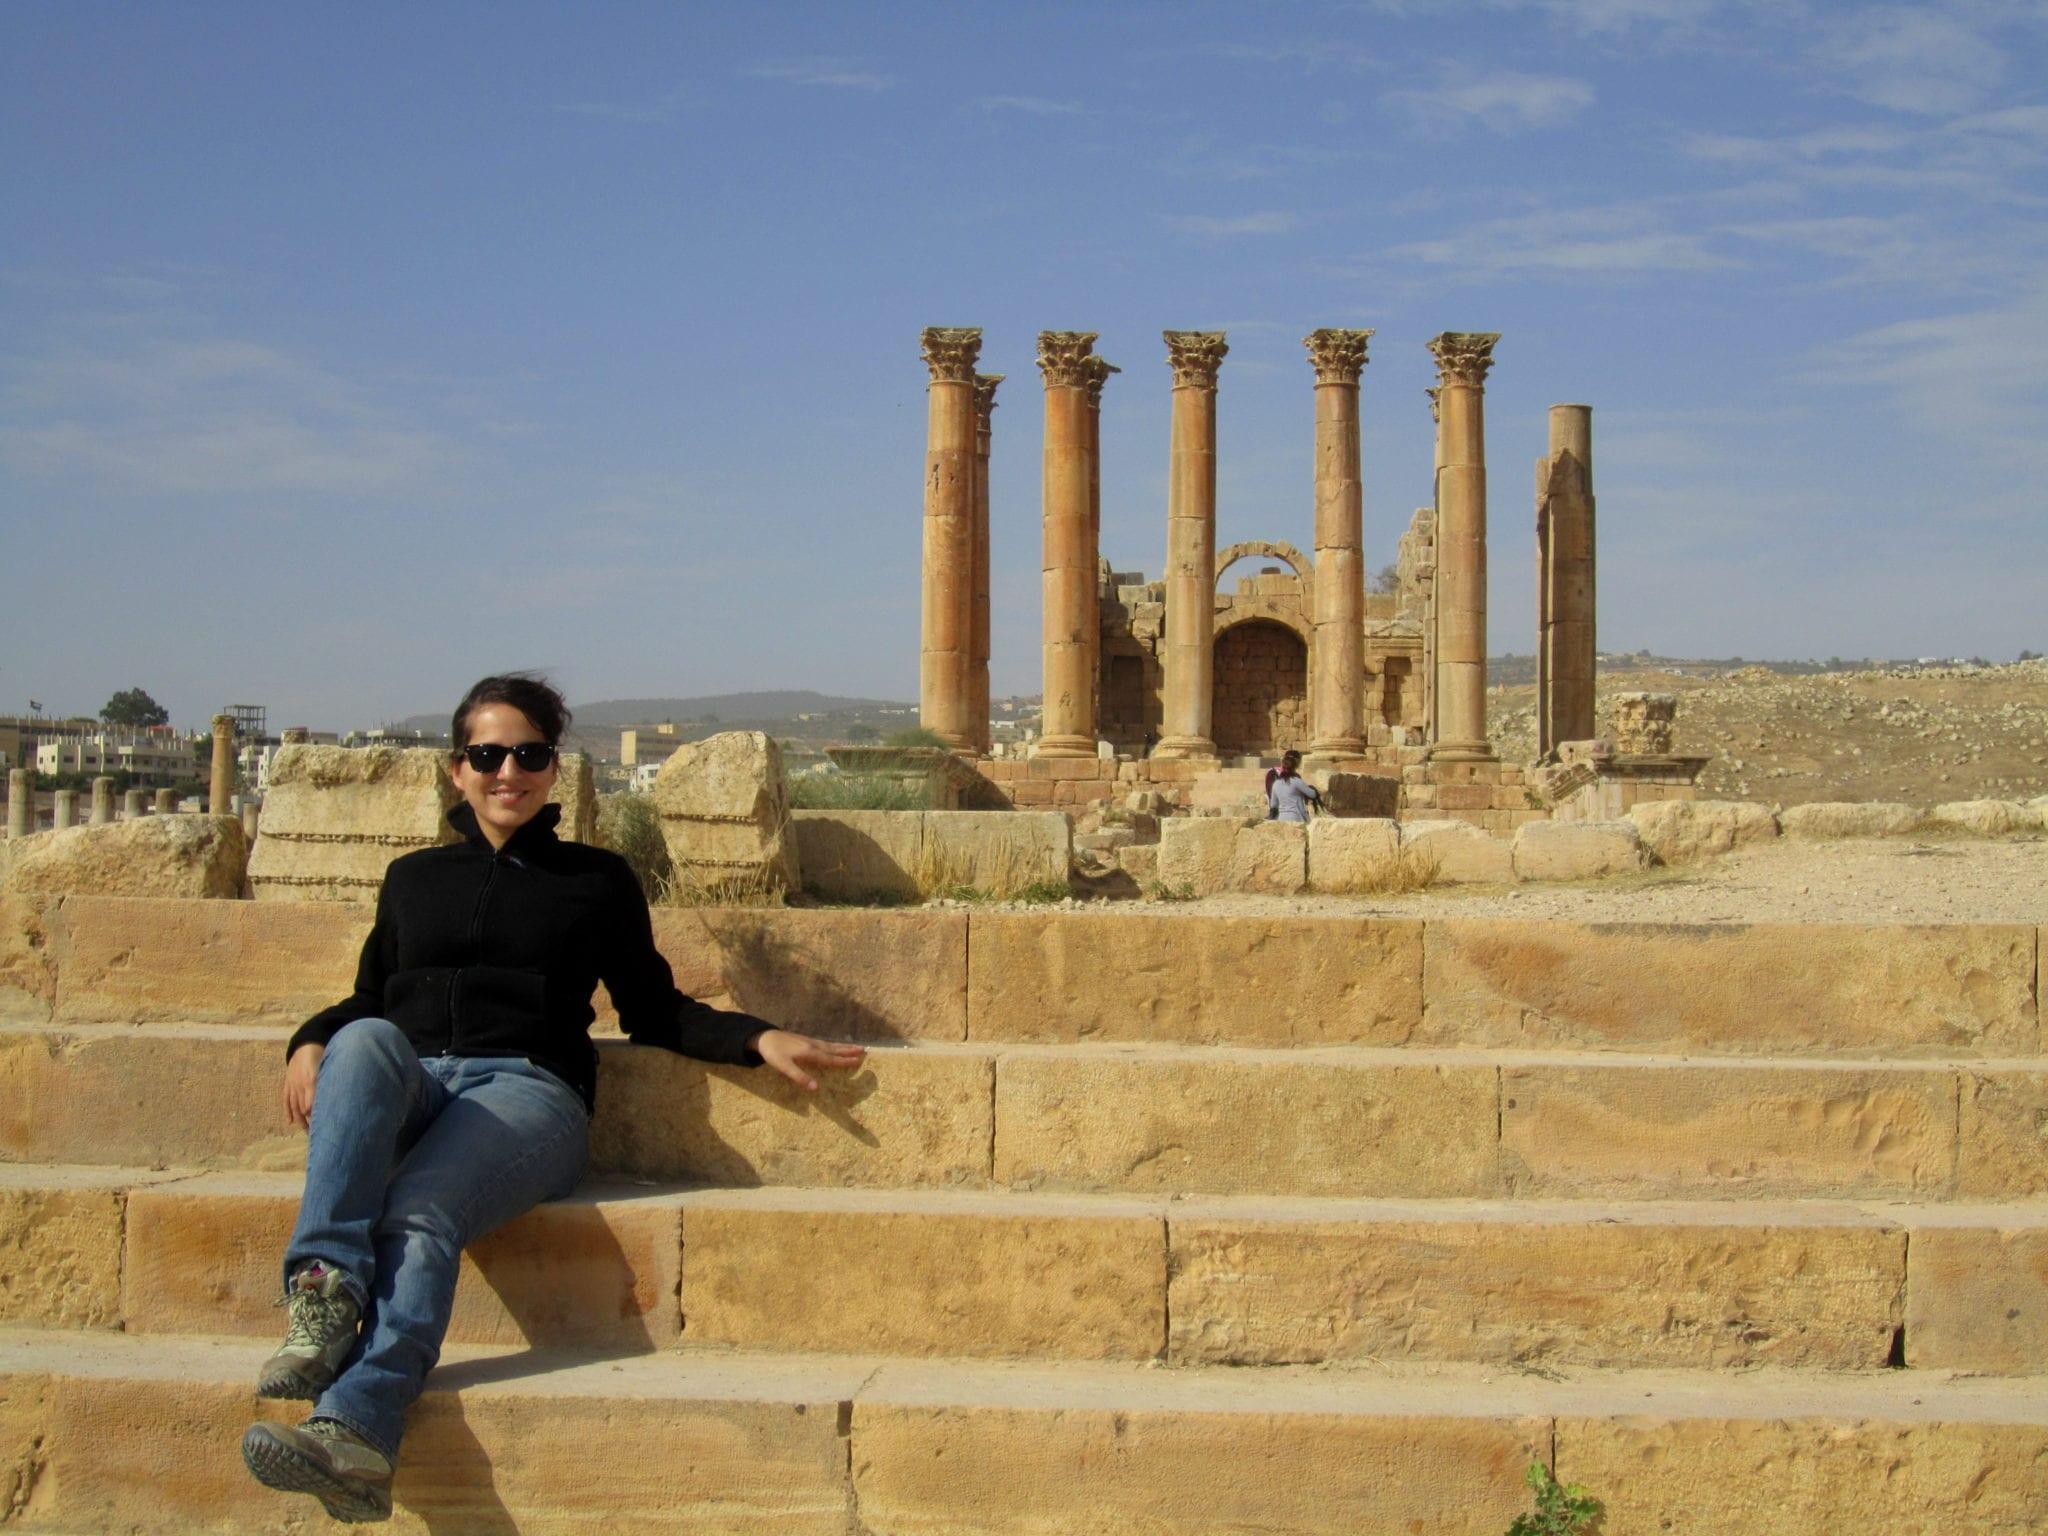 dfed326a1c5a7 What Should Women Wear in Jordan? - Adventurous Kate